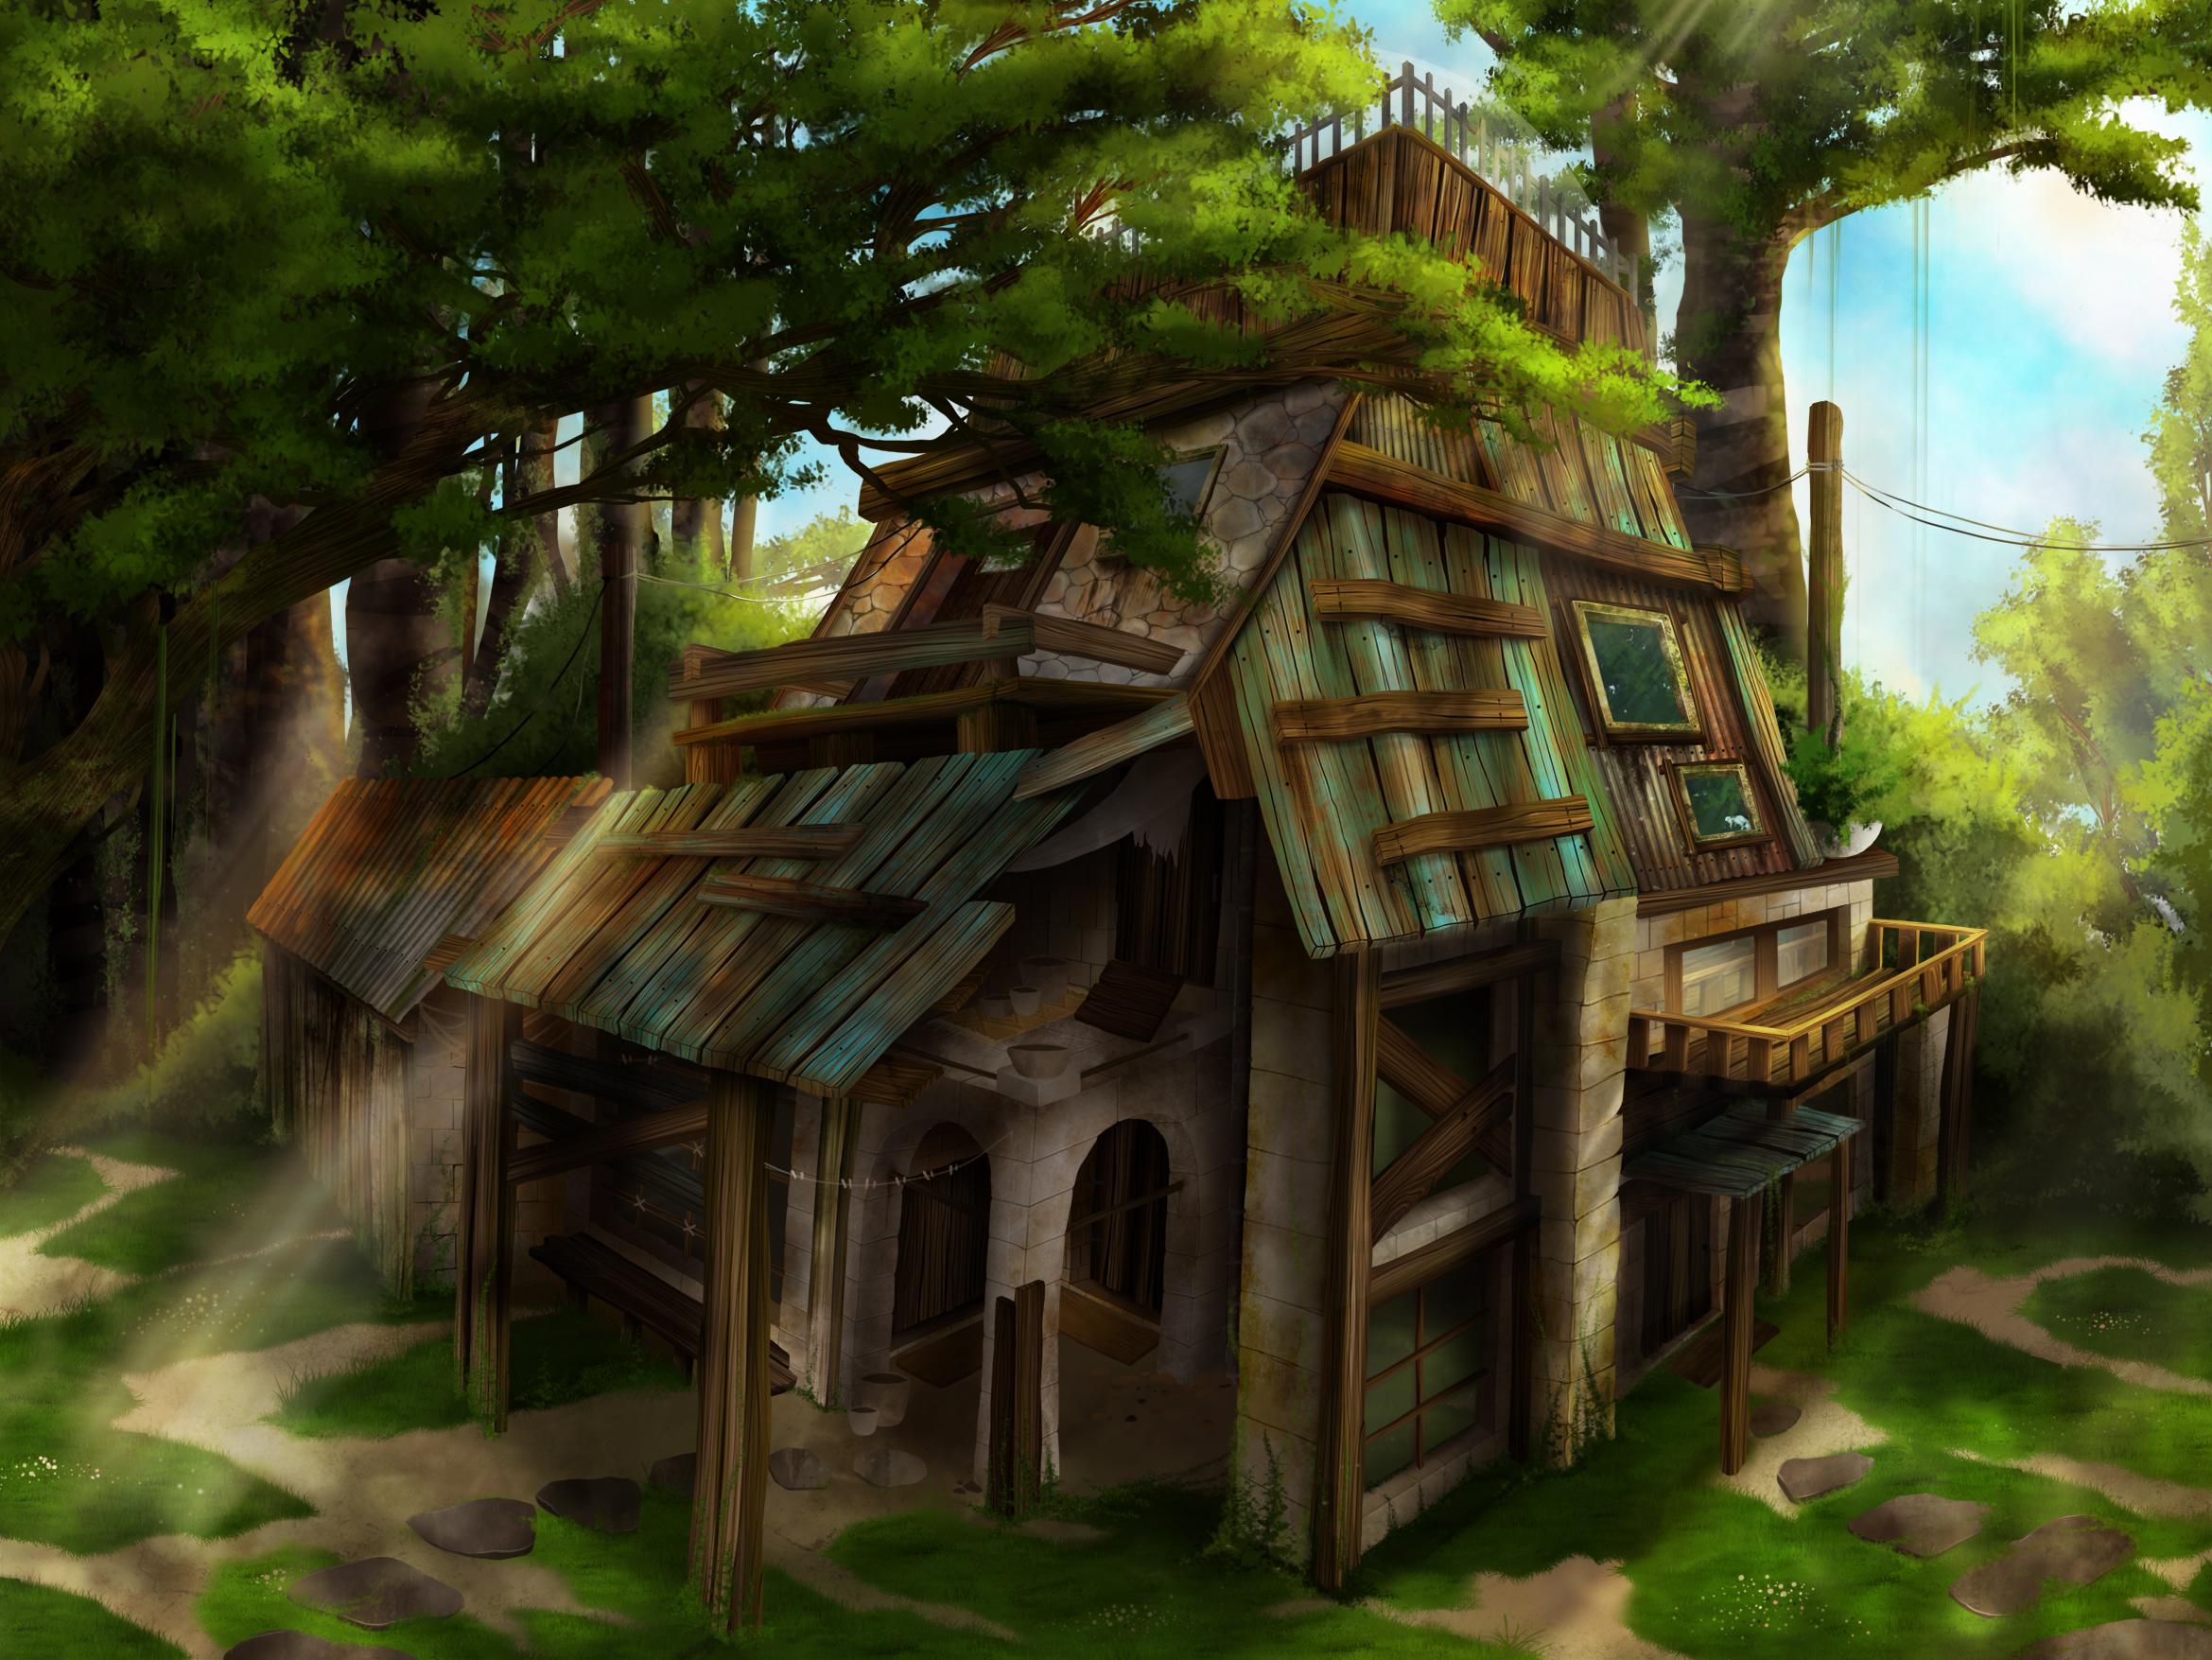 environment design, en foret avec une cabane, rayon de soleil